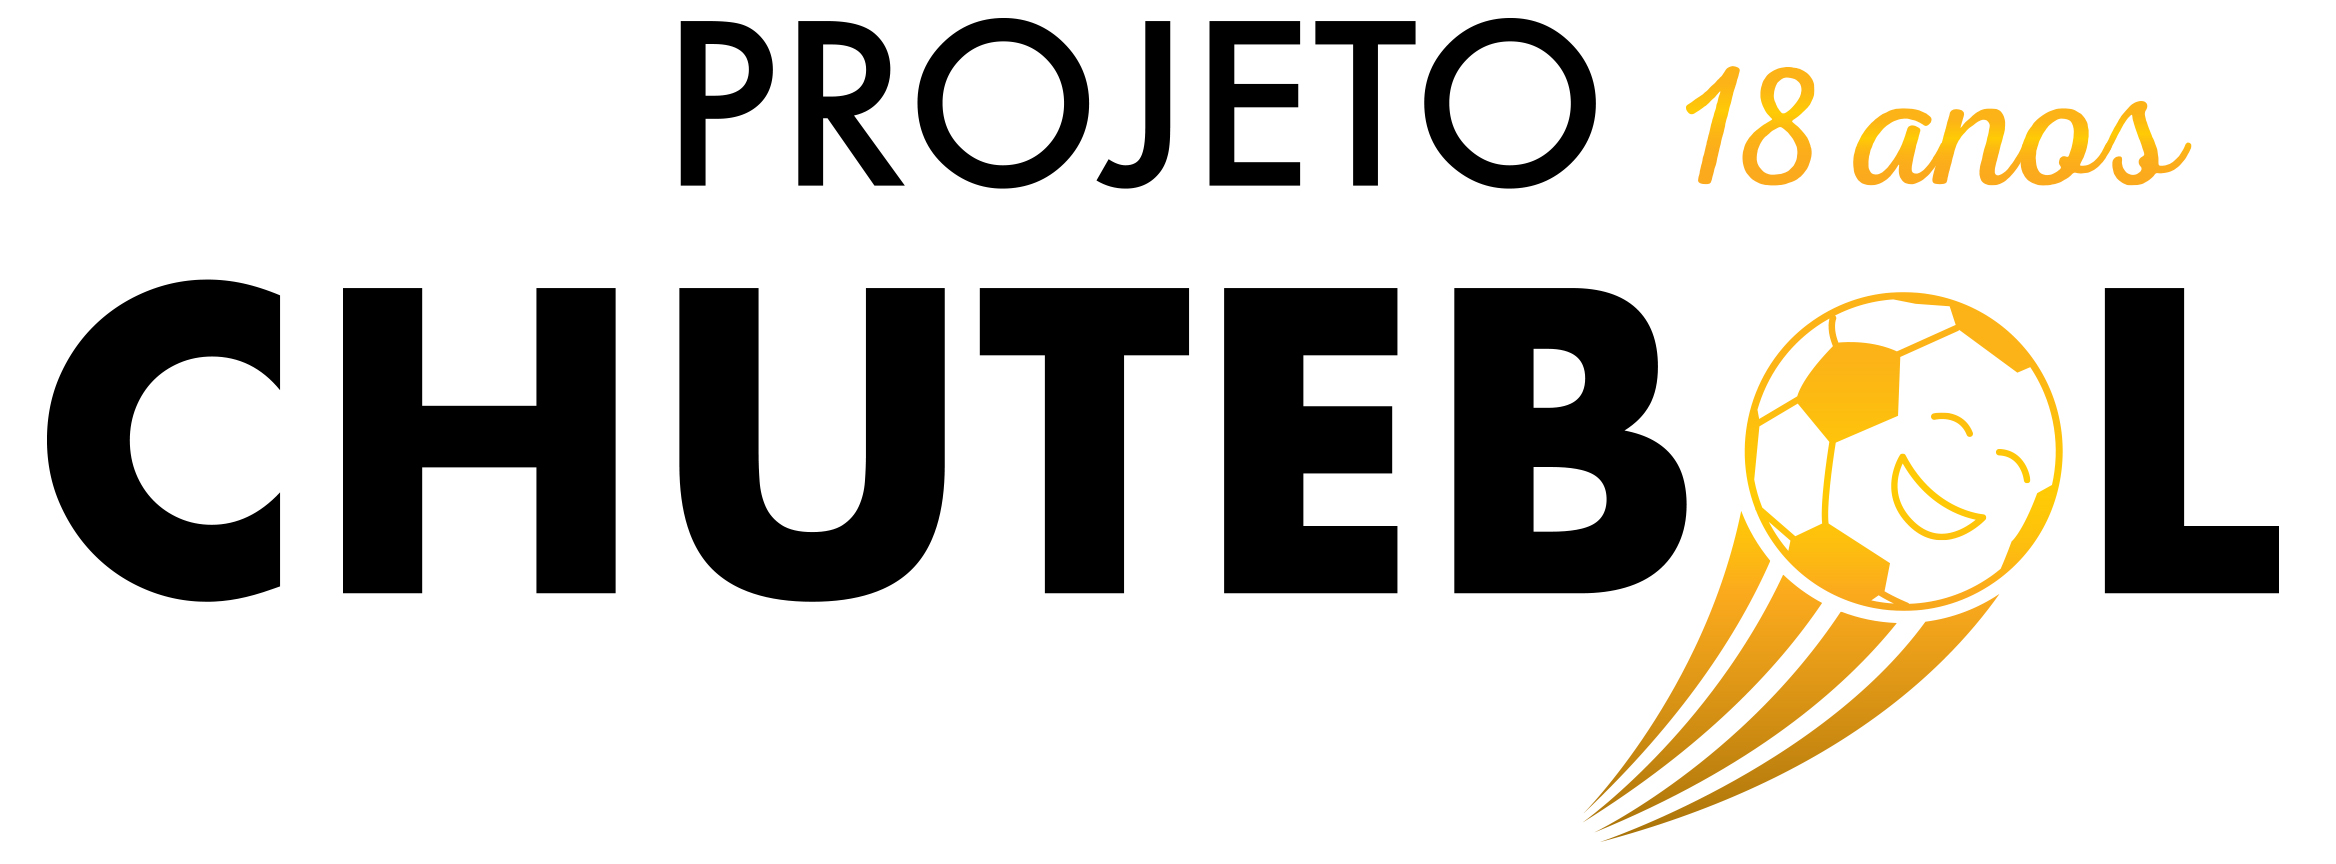 Projeto Chutebol